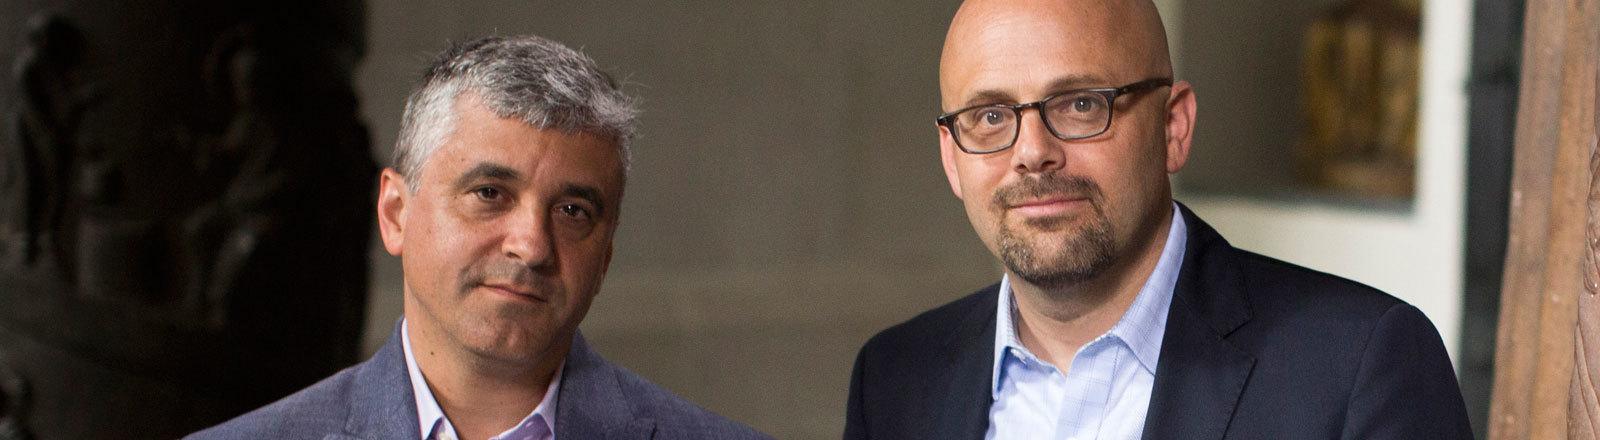 """Steven Levitsky, Daniel Ziblatt """"Wie Demokratien sterben"""""""